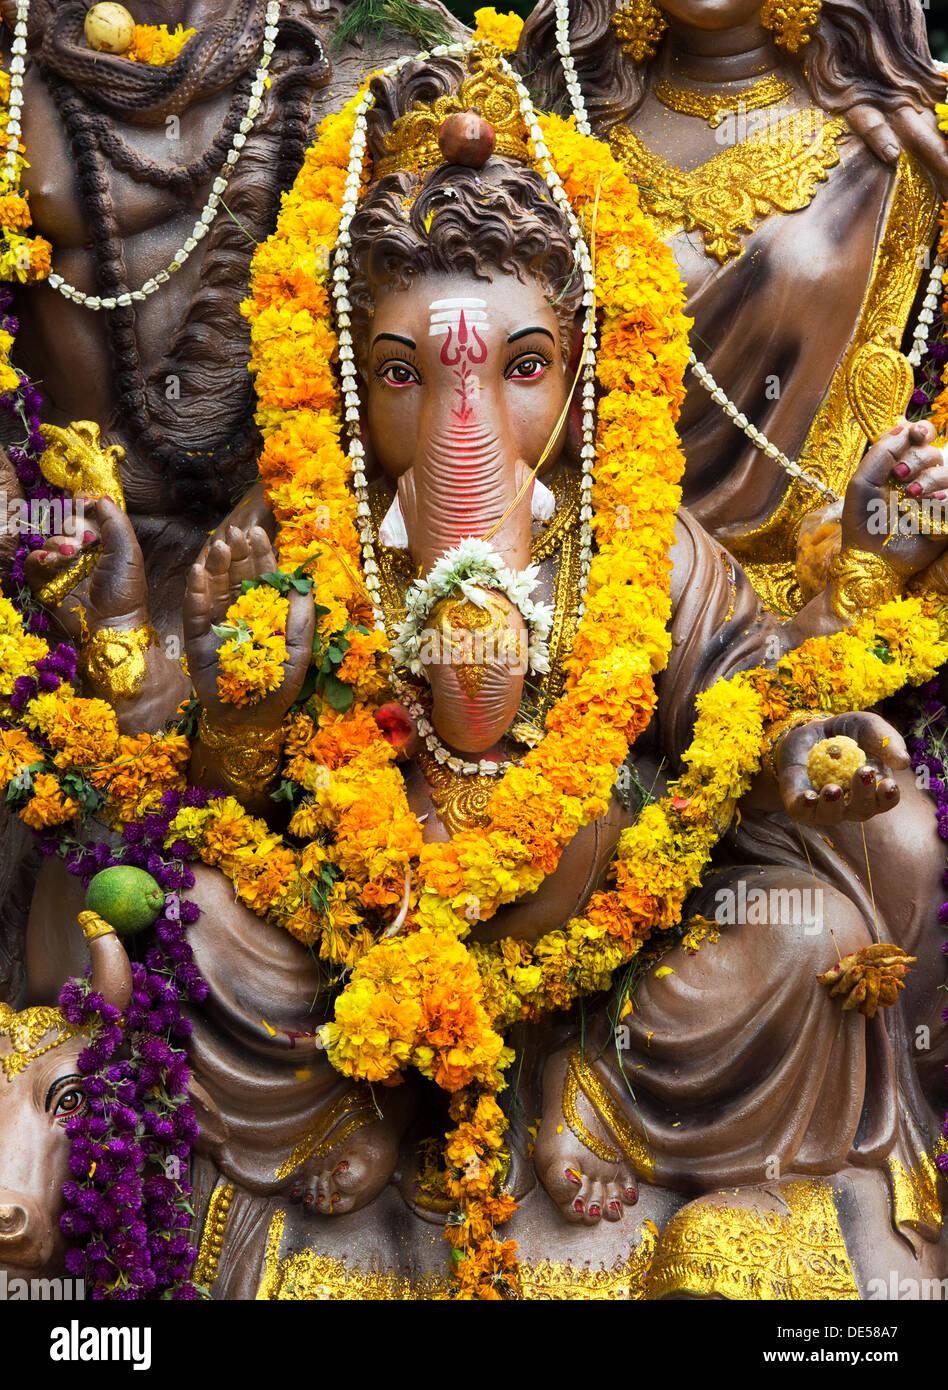 Hindu Elephant God Lord Ganesha Statue Ganesha Chaturthi